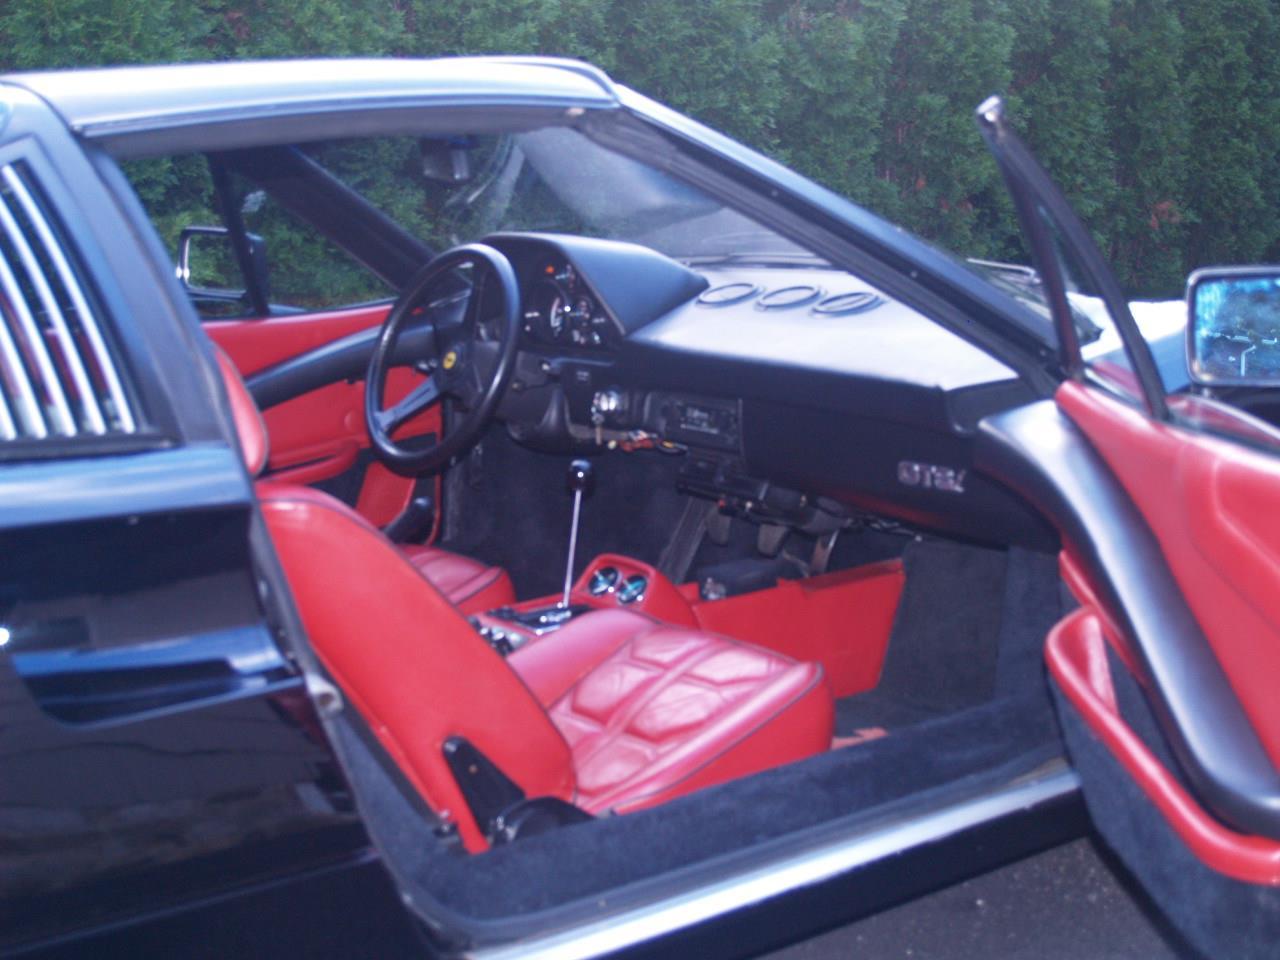 1982 Ferrari 308 GTSI (CC-1244765) for sale in NEW HYDE PARK, New York